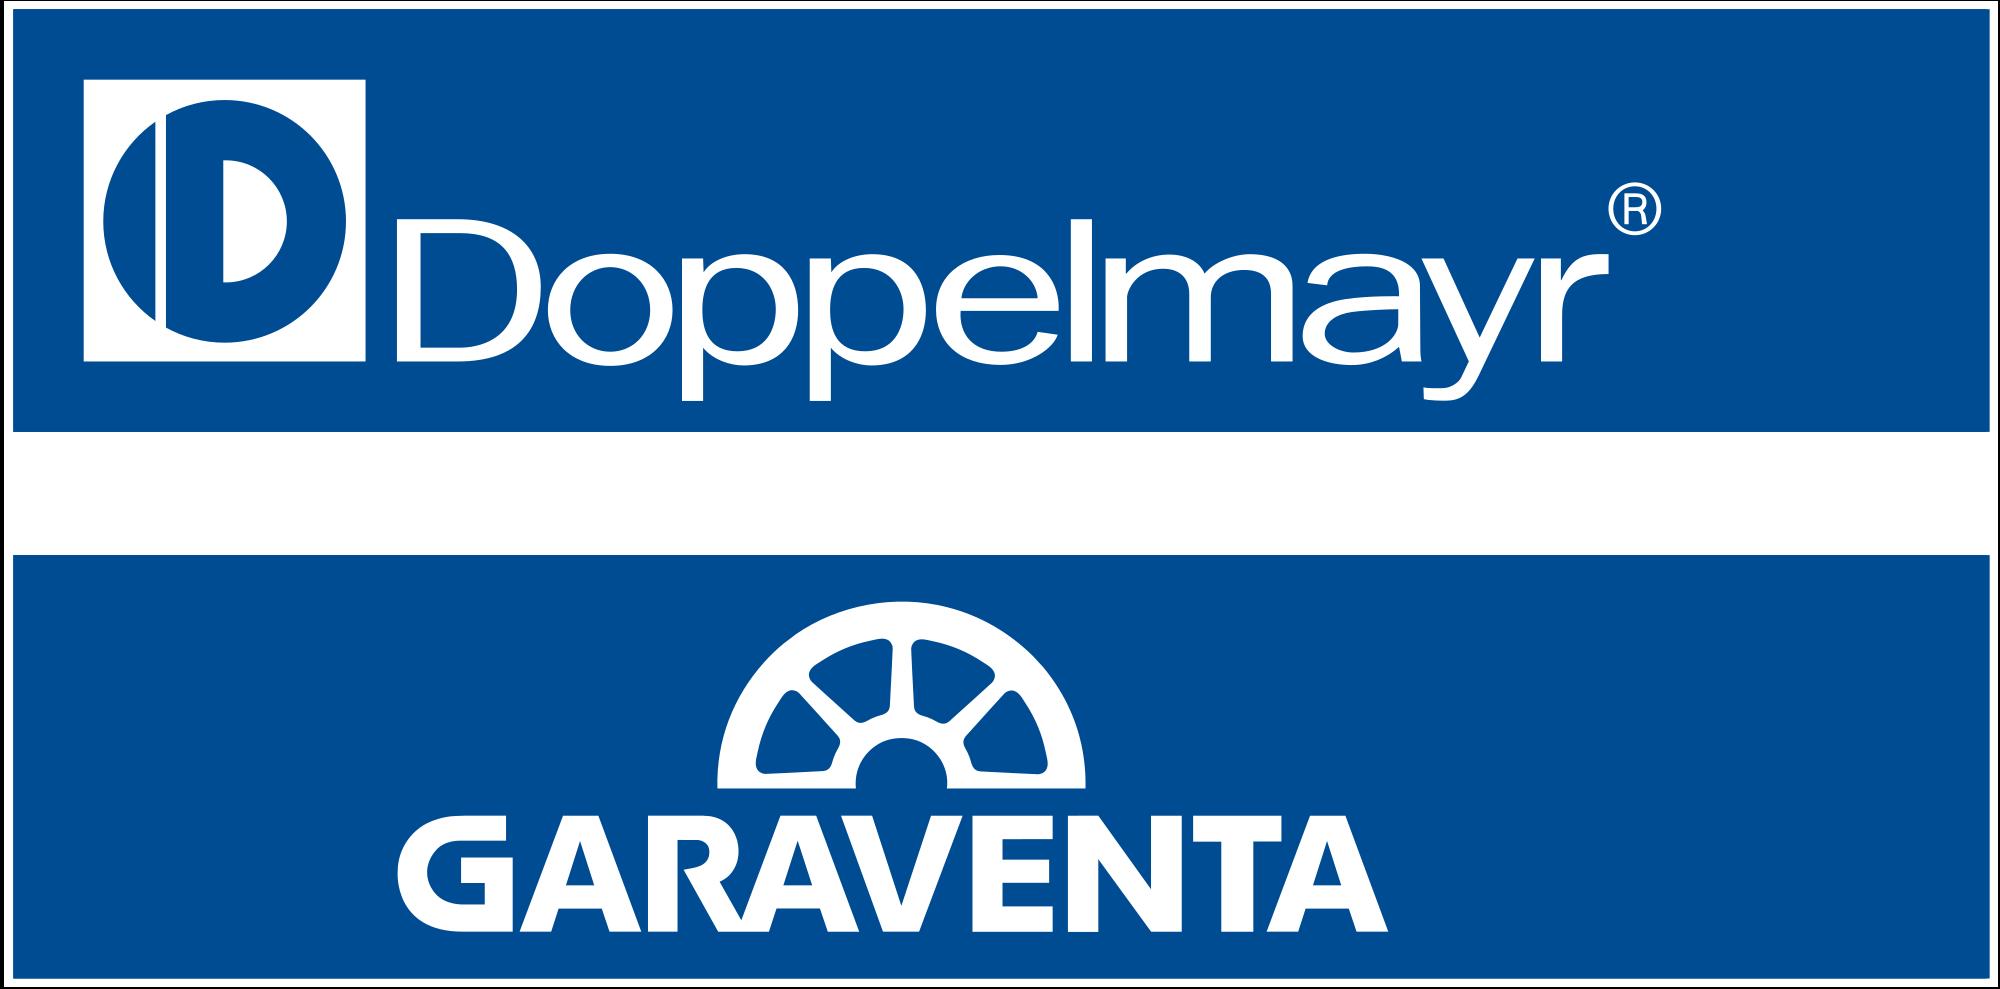 Doppelmayr Garaventa Logo